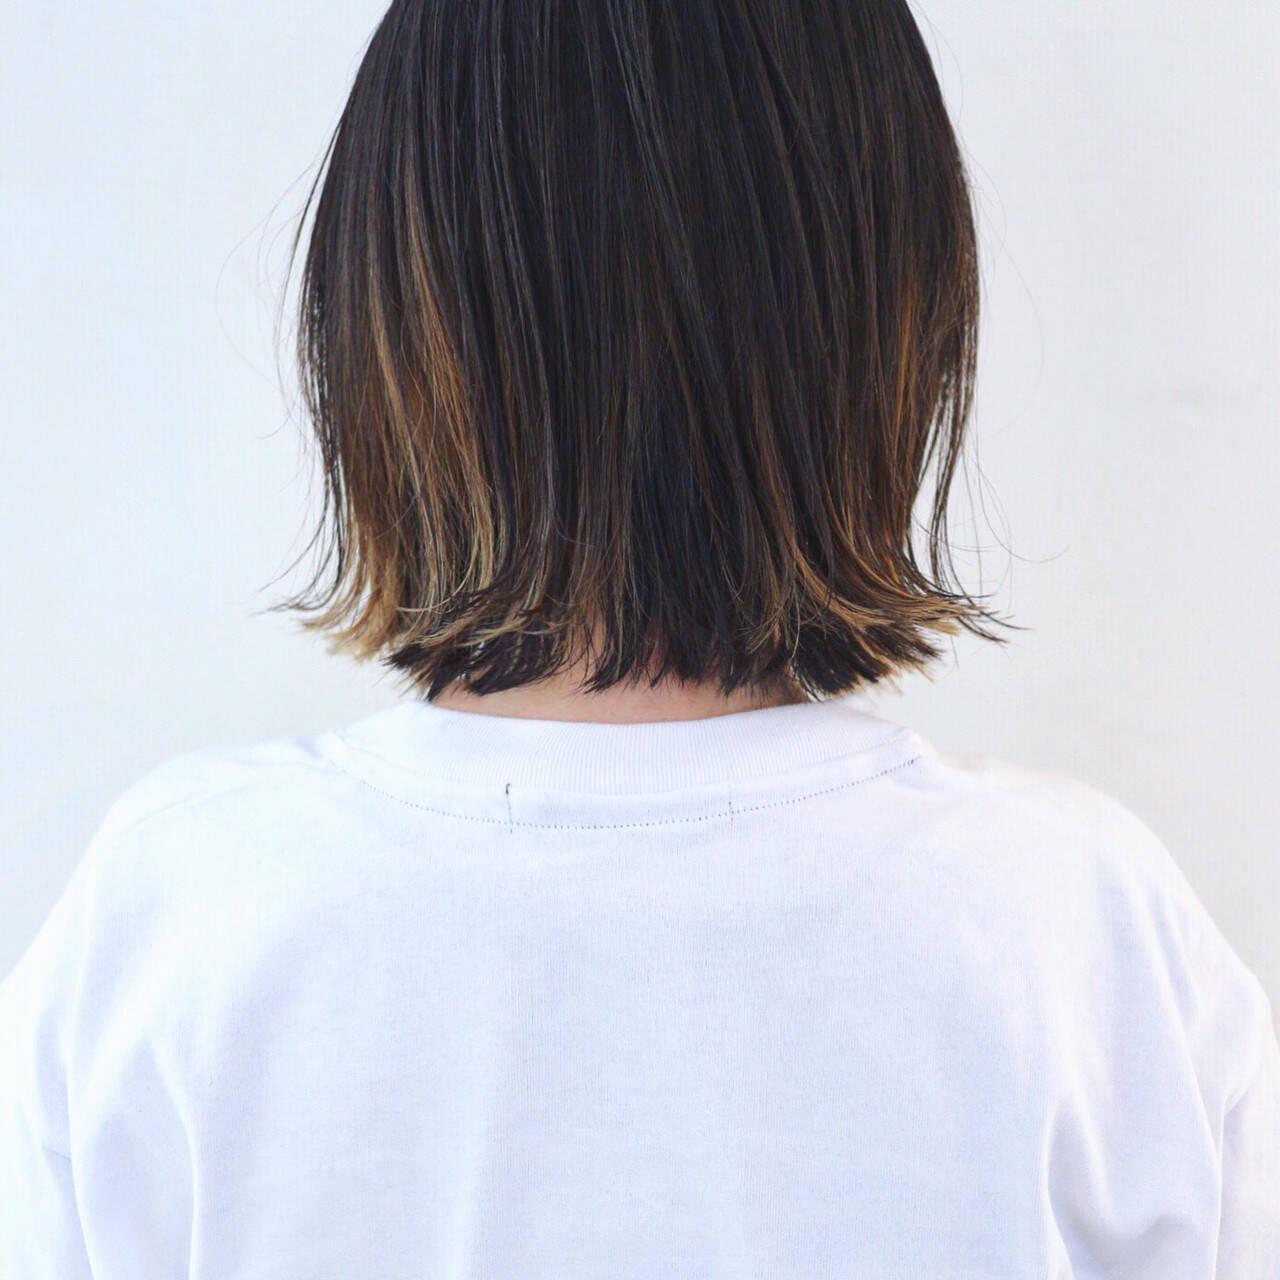 グラデーションカラー バレイヤージュ インナーカラー ストリートヘアスタイルや髪型の写真・画像